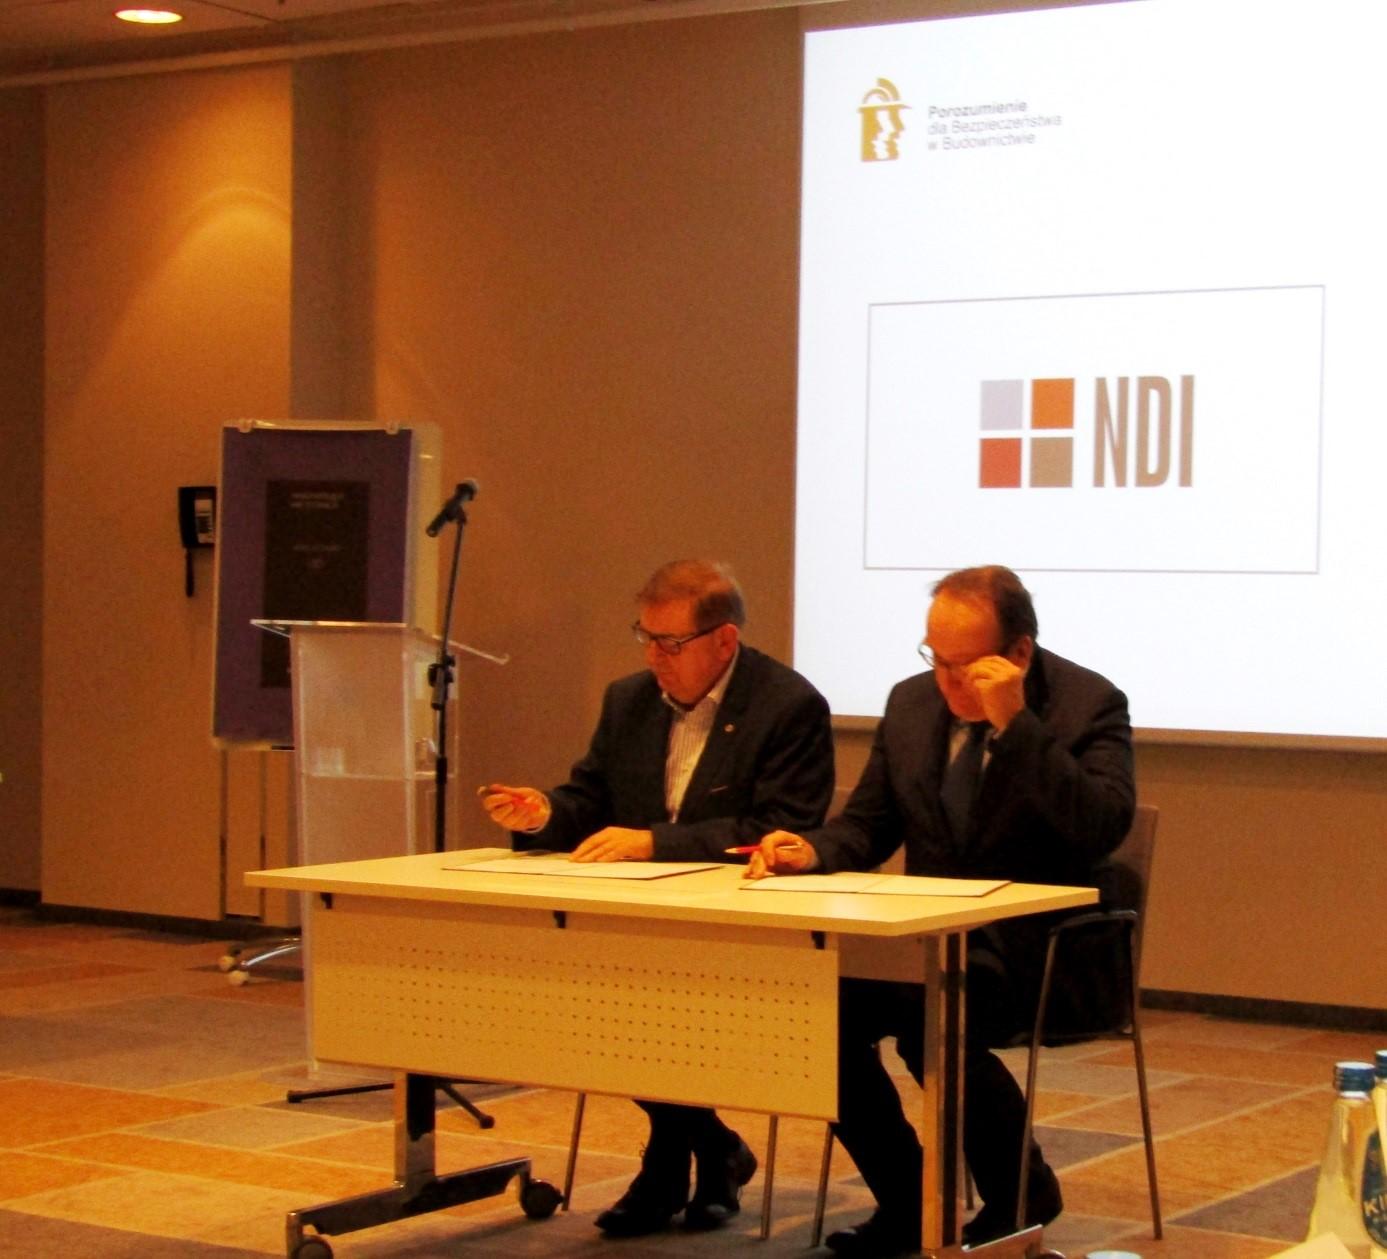 Grupa NDI członkiem zrzeszonym Porozumienia dla Bezpieczeństwa w budownictwie